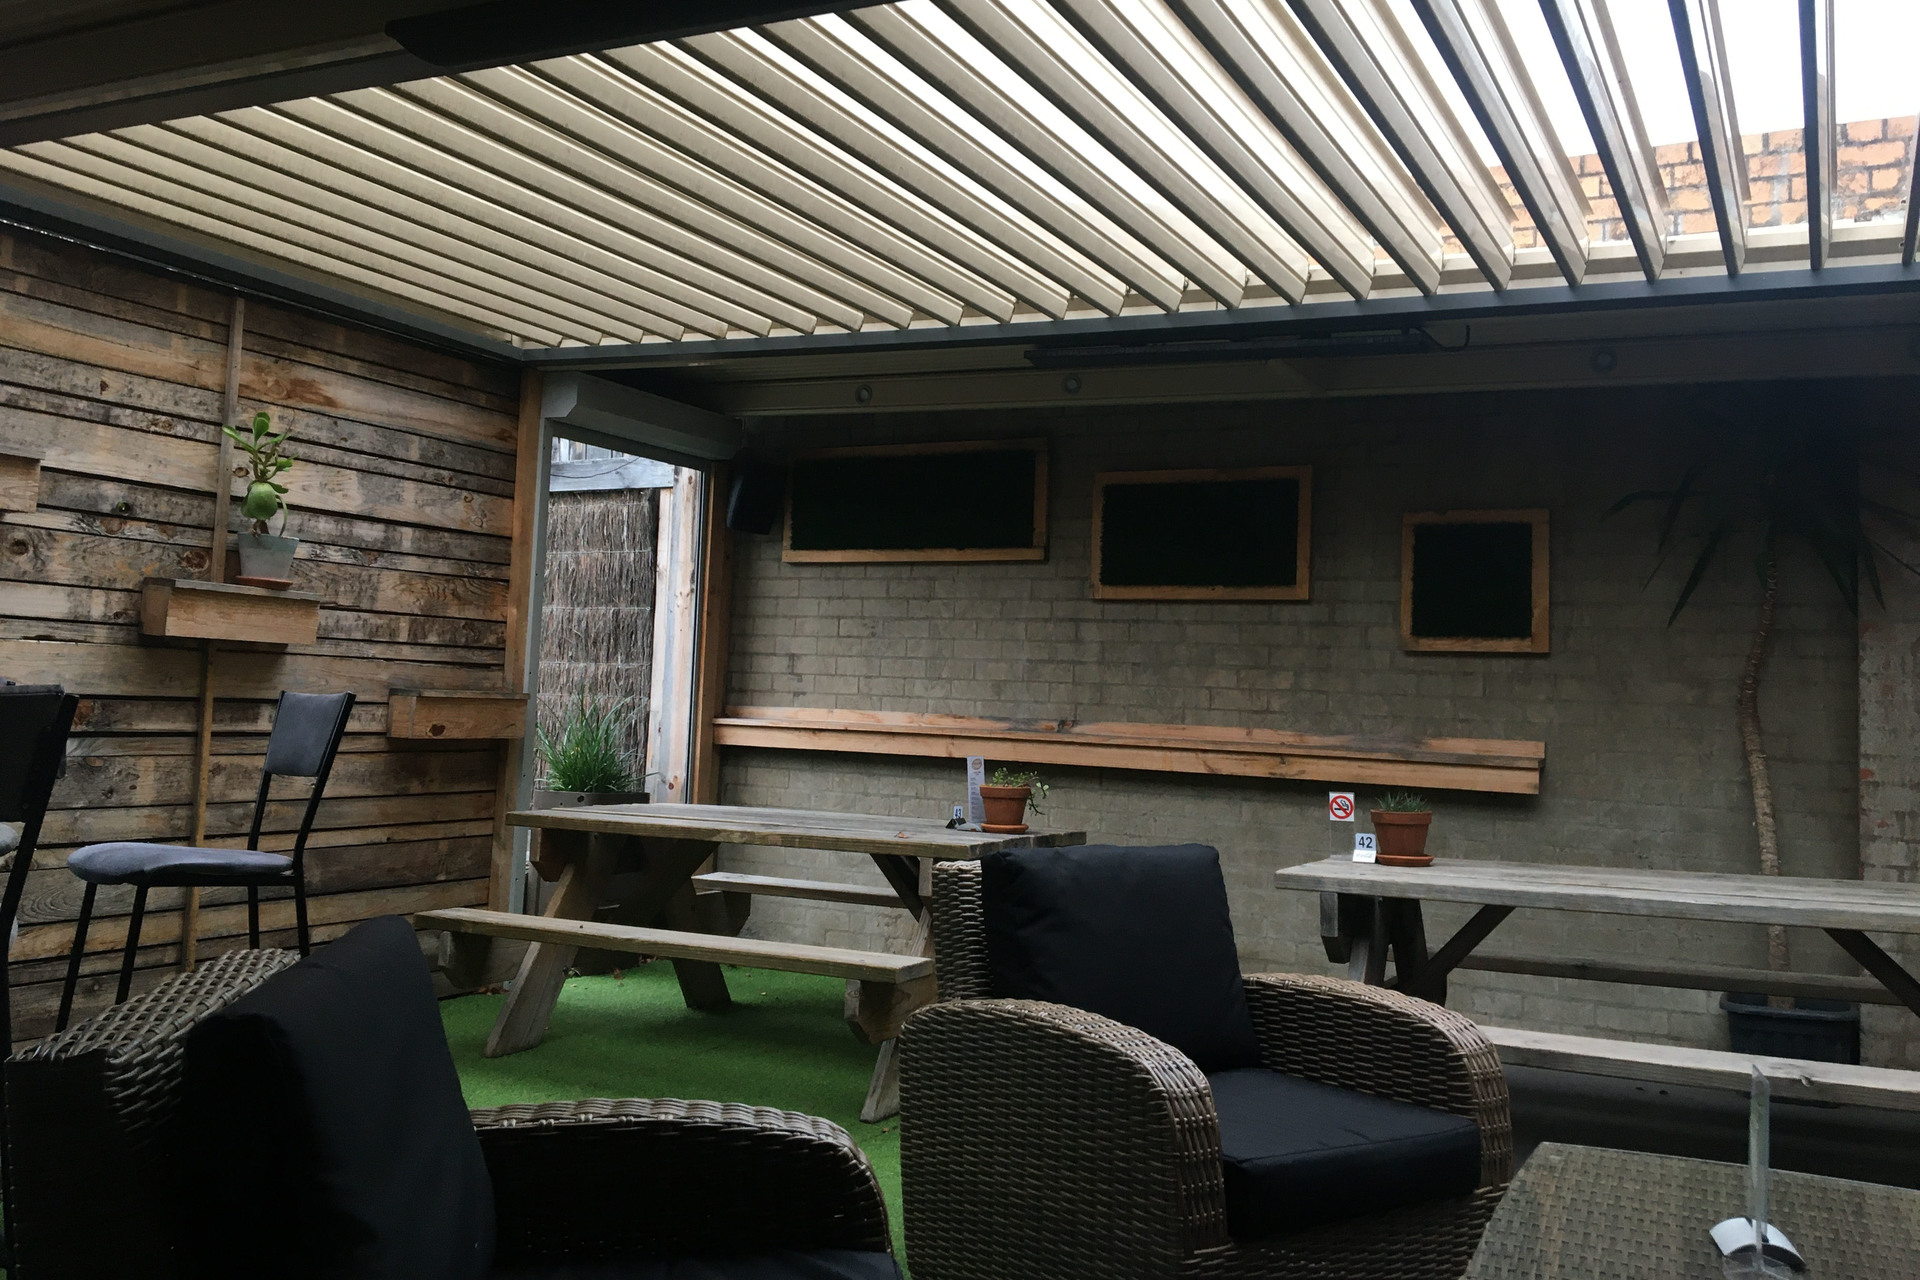 e - Culture Cafe Lounge Bar